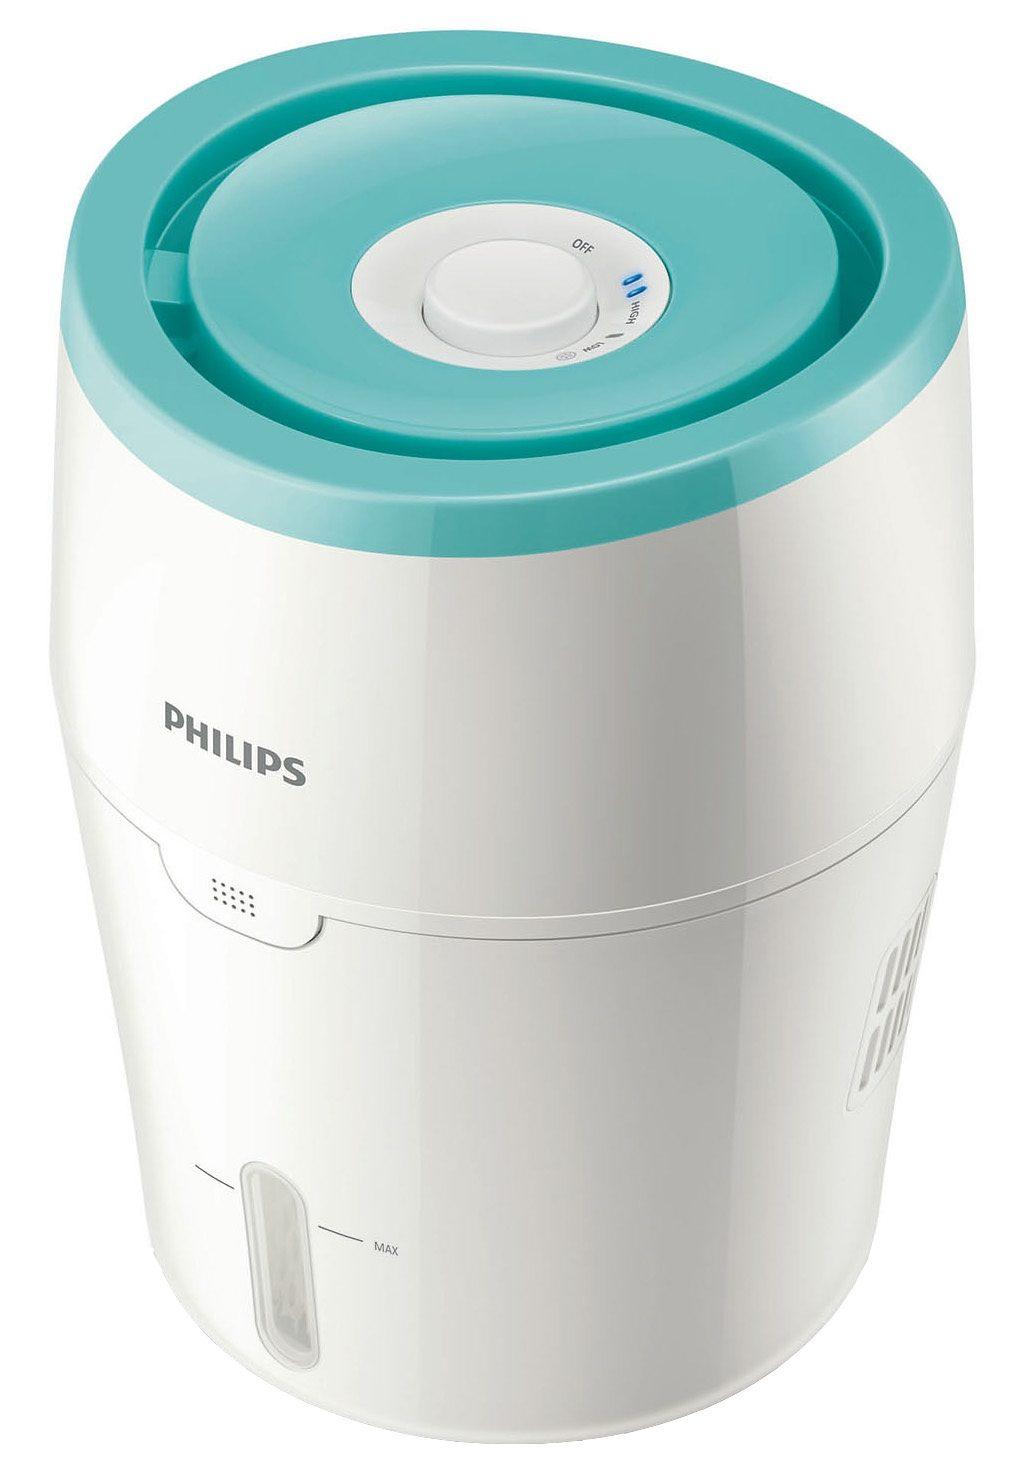 Philips AVENT Luftbefeuchter HU4801/01 für Babies und Kleinkinder